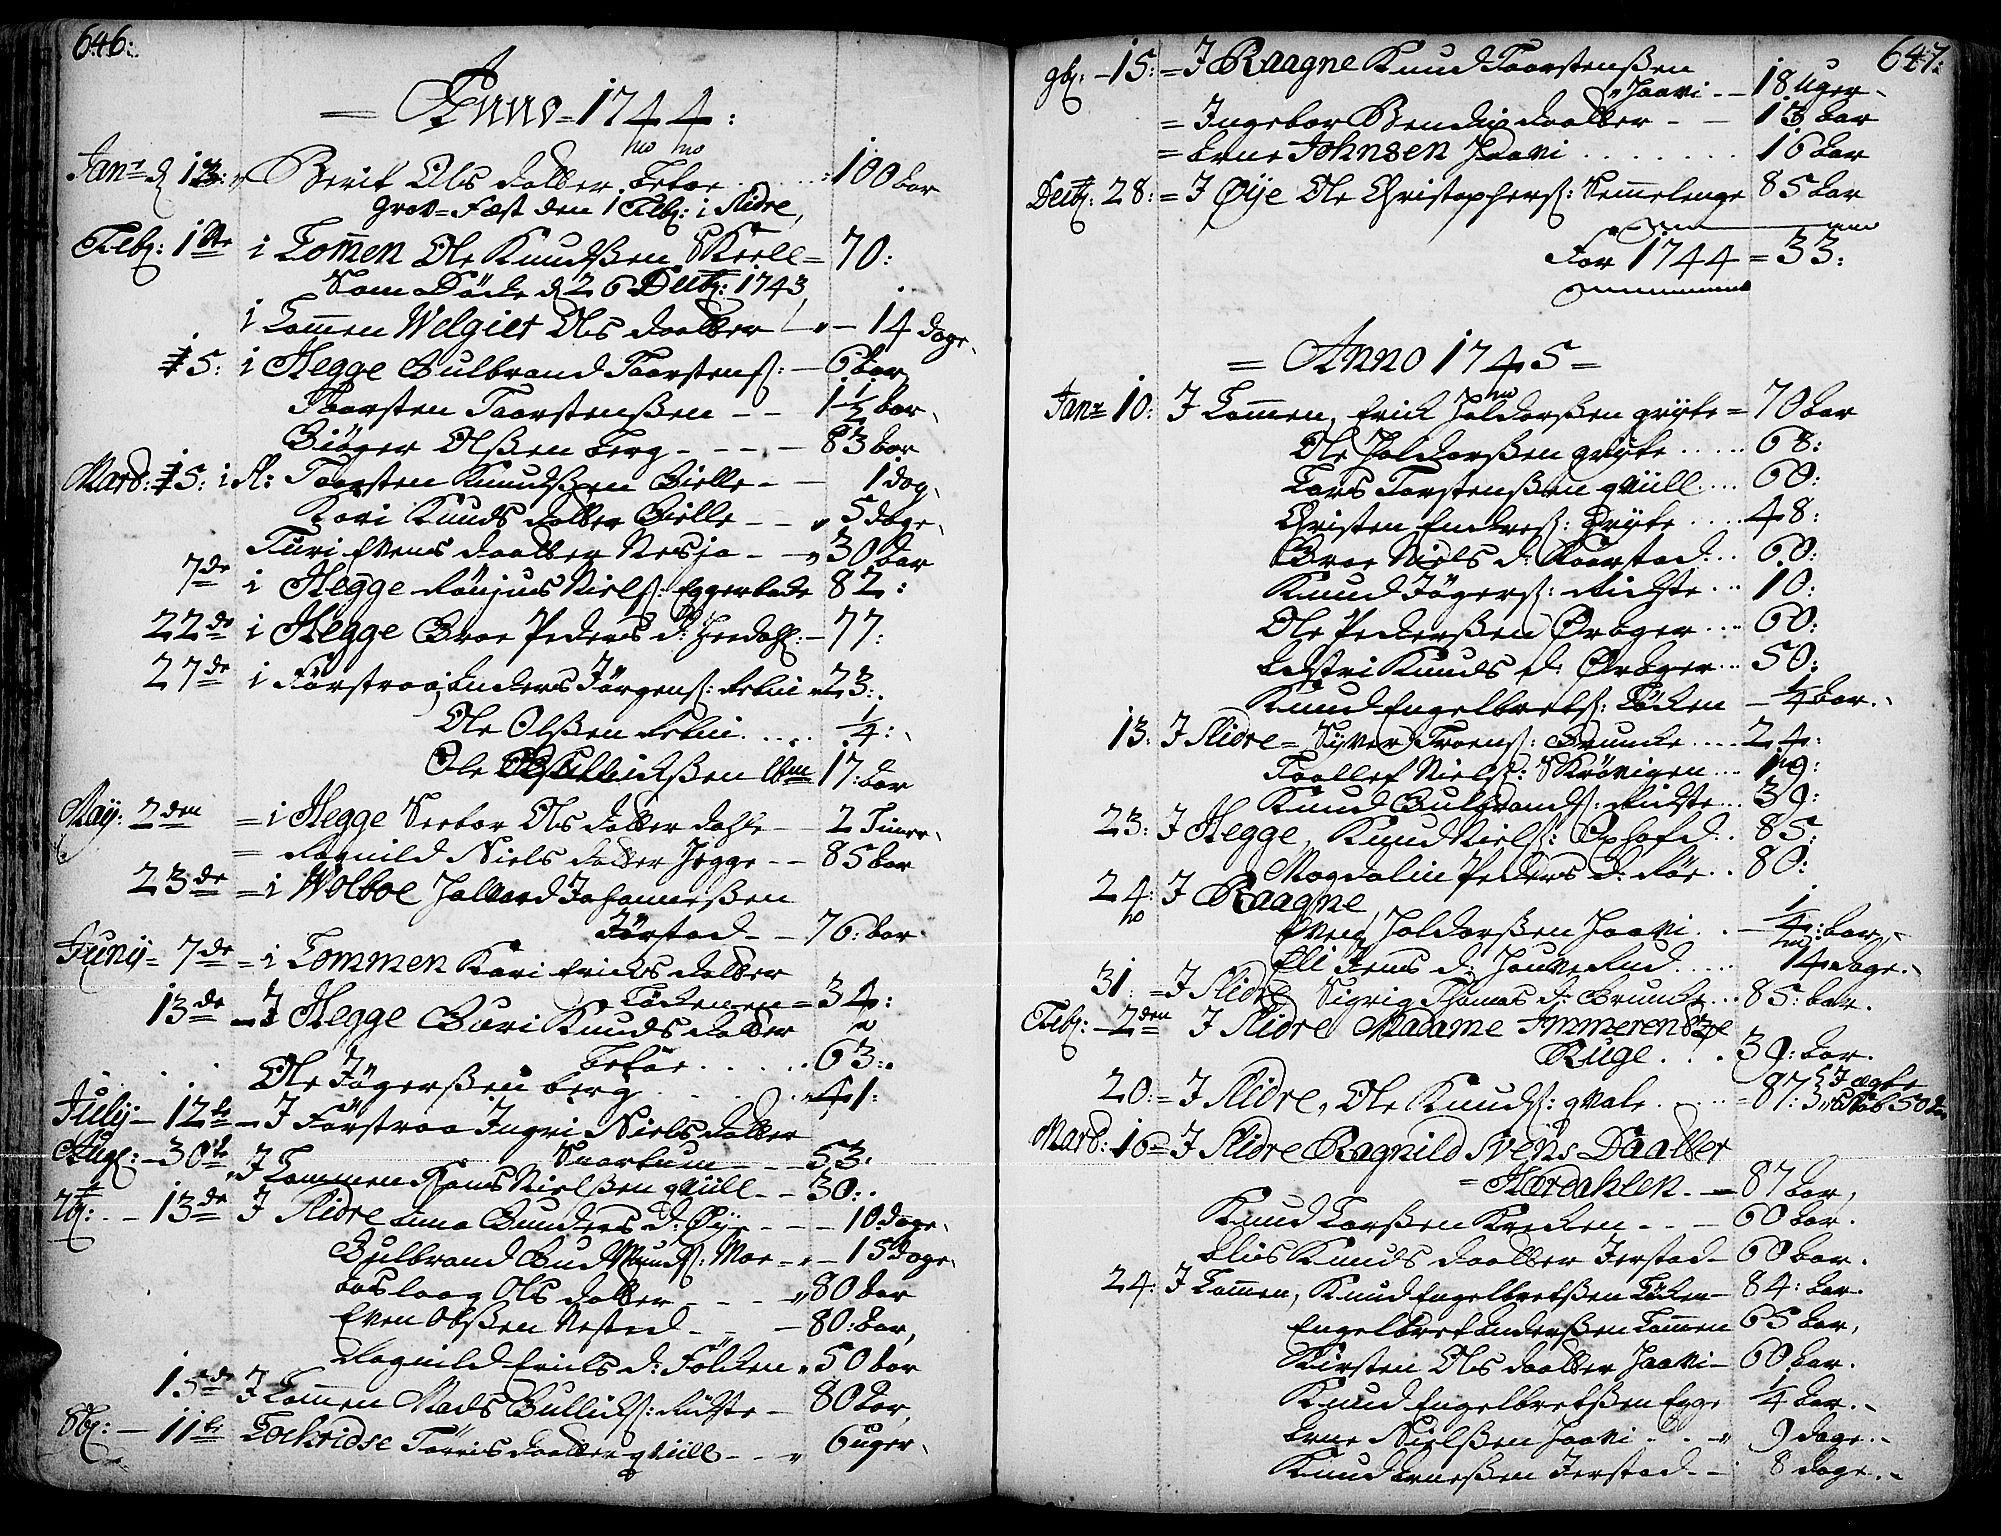 SAH, Slidre prestekontor, Ministerialbok nr. 1, 1724-1814, s. 646-647